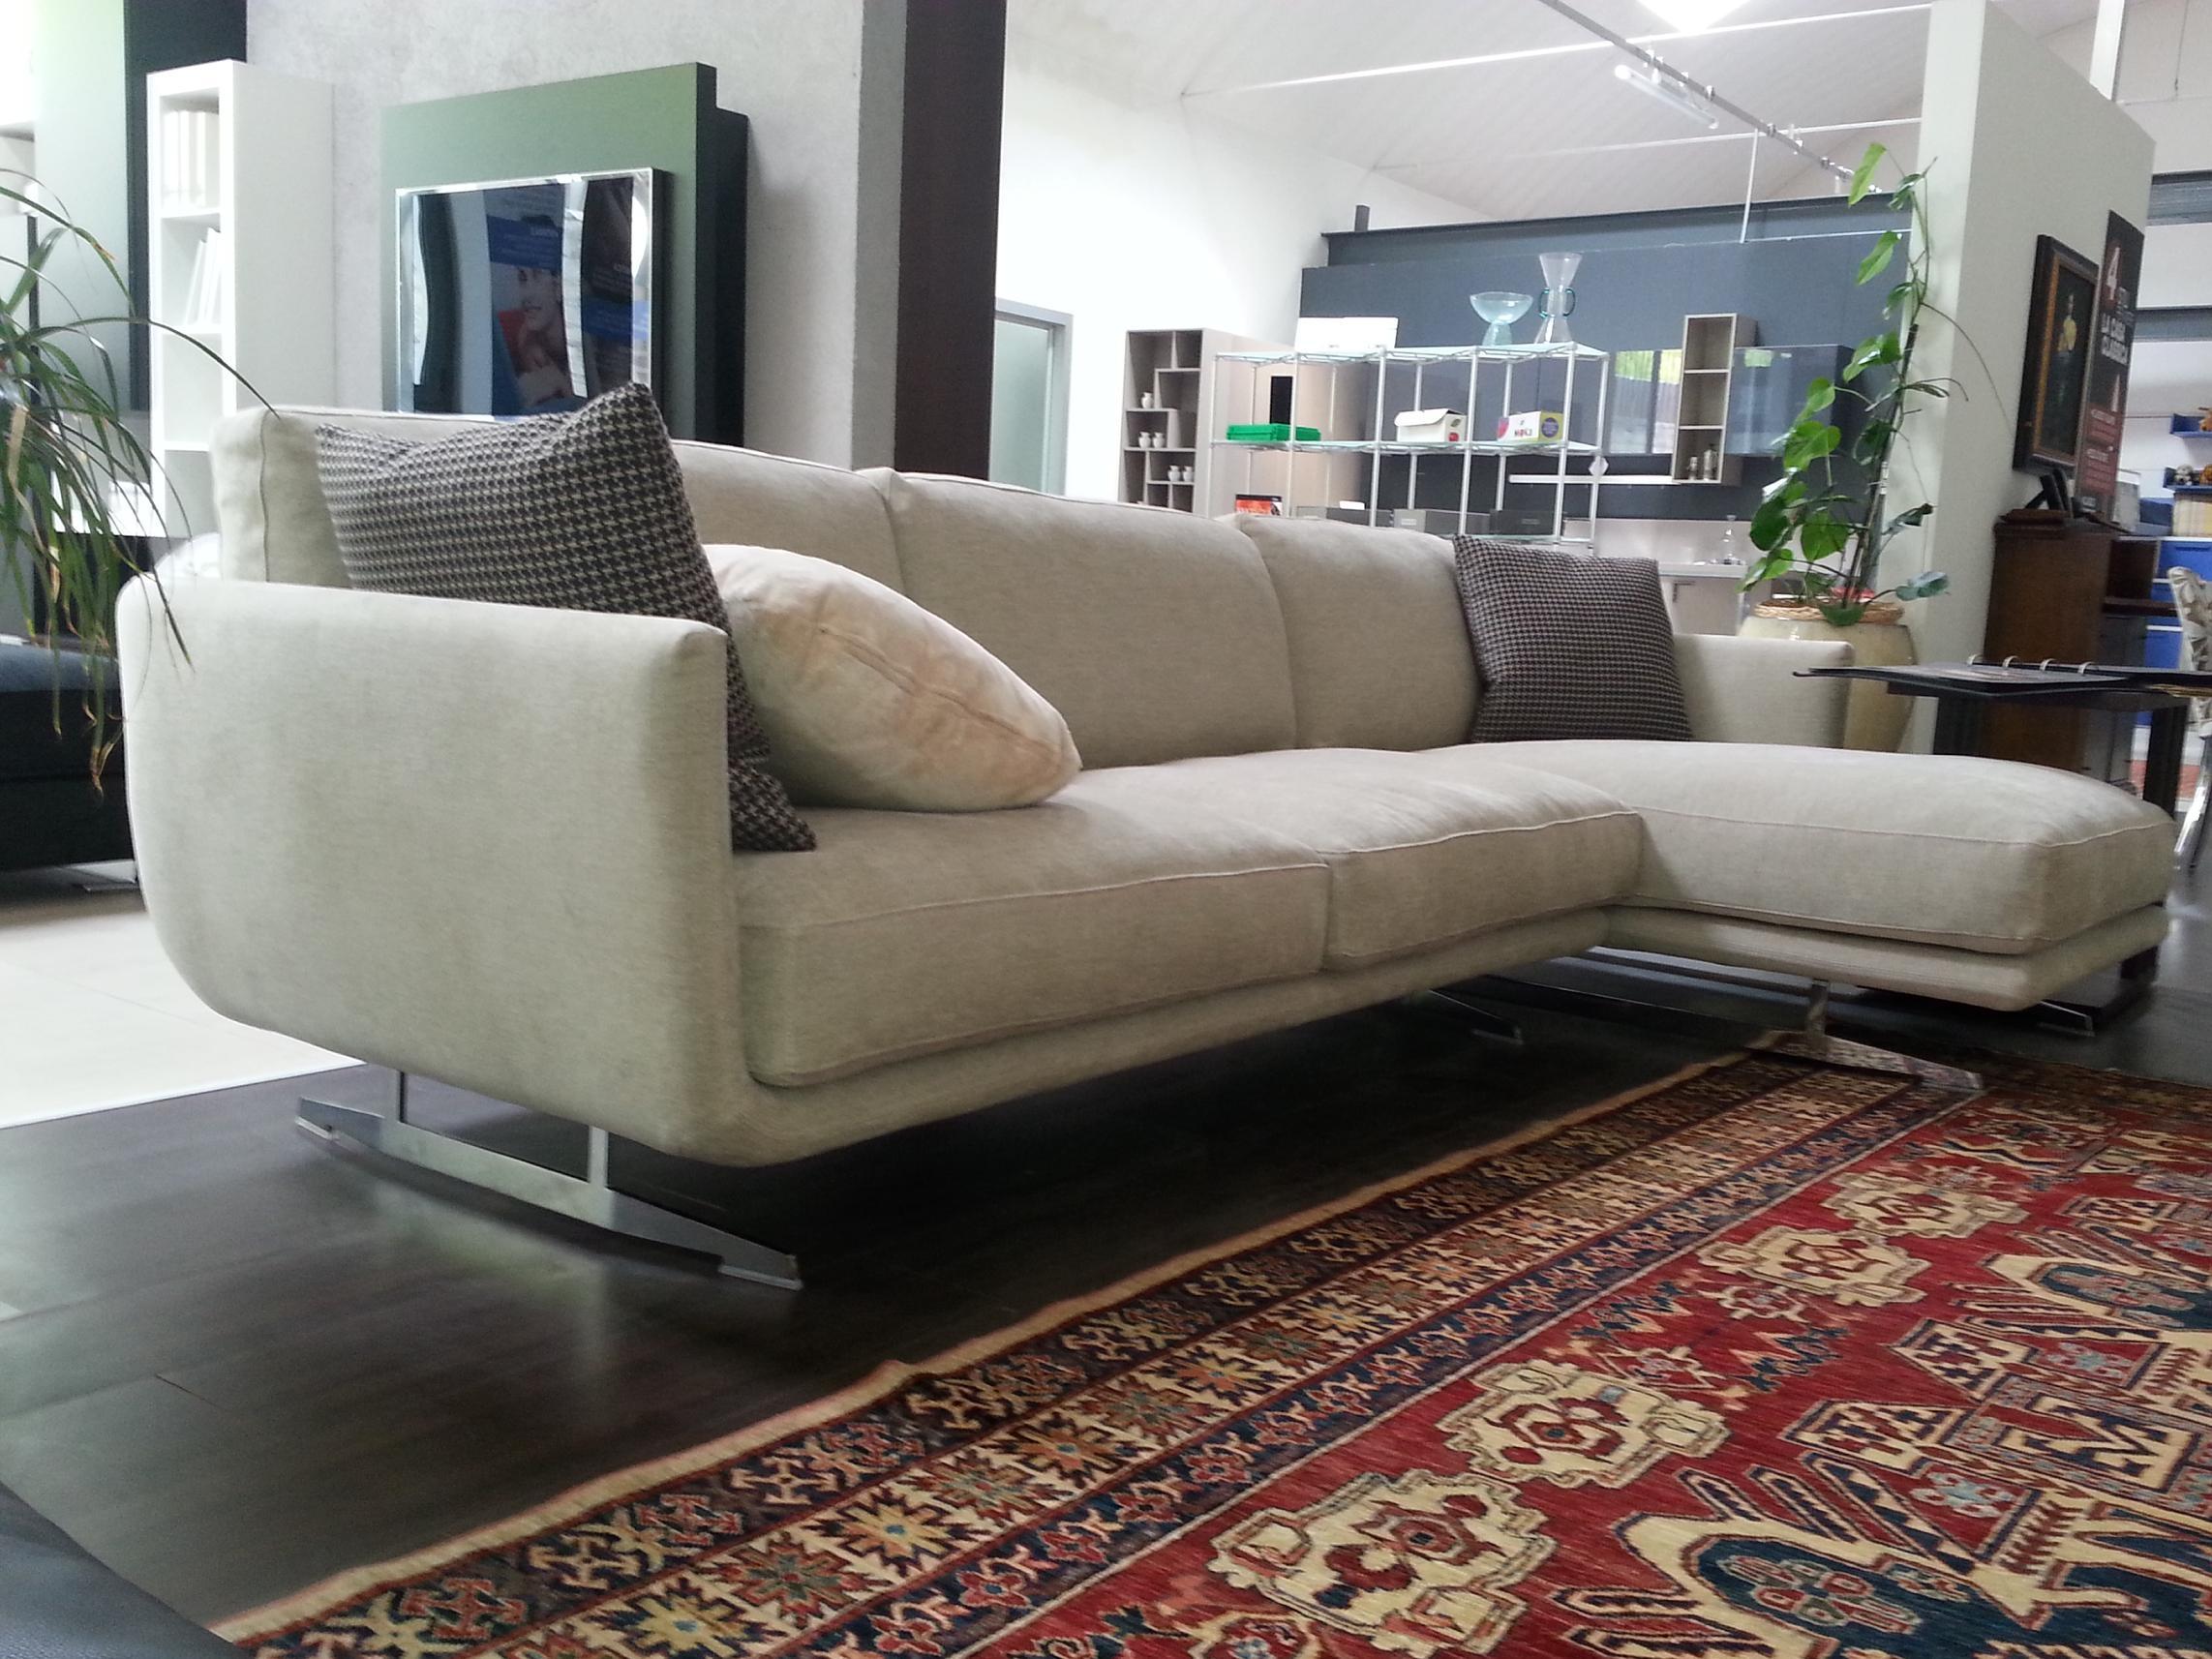 Tessuto divani prezzi divani di pelle prezzi divani - Dema cucine prezzi ...